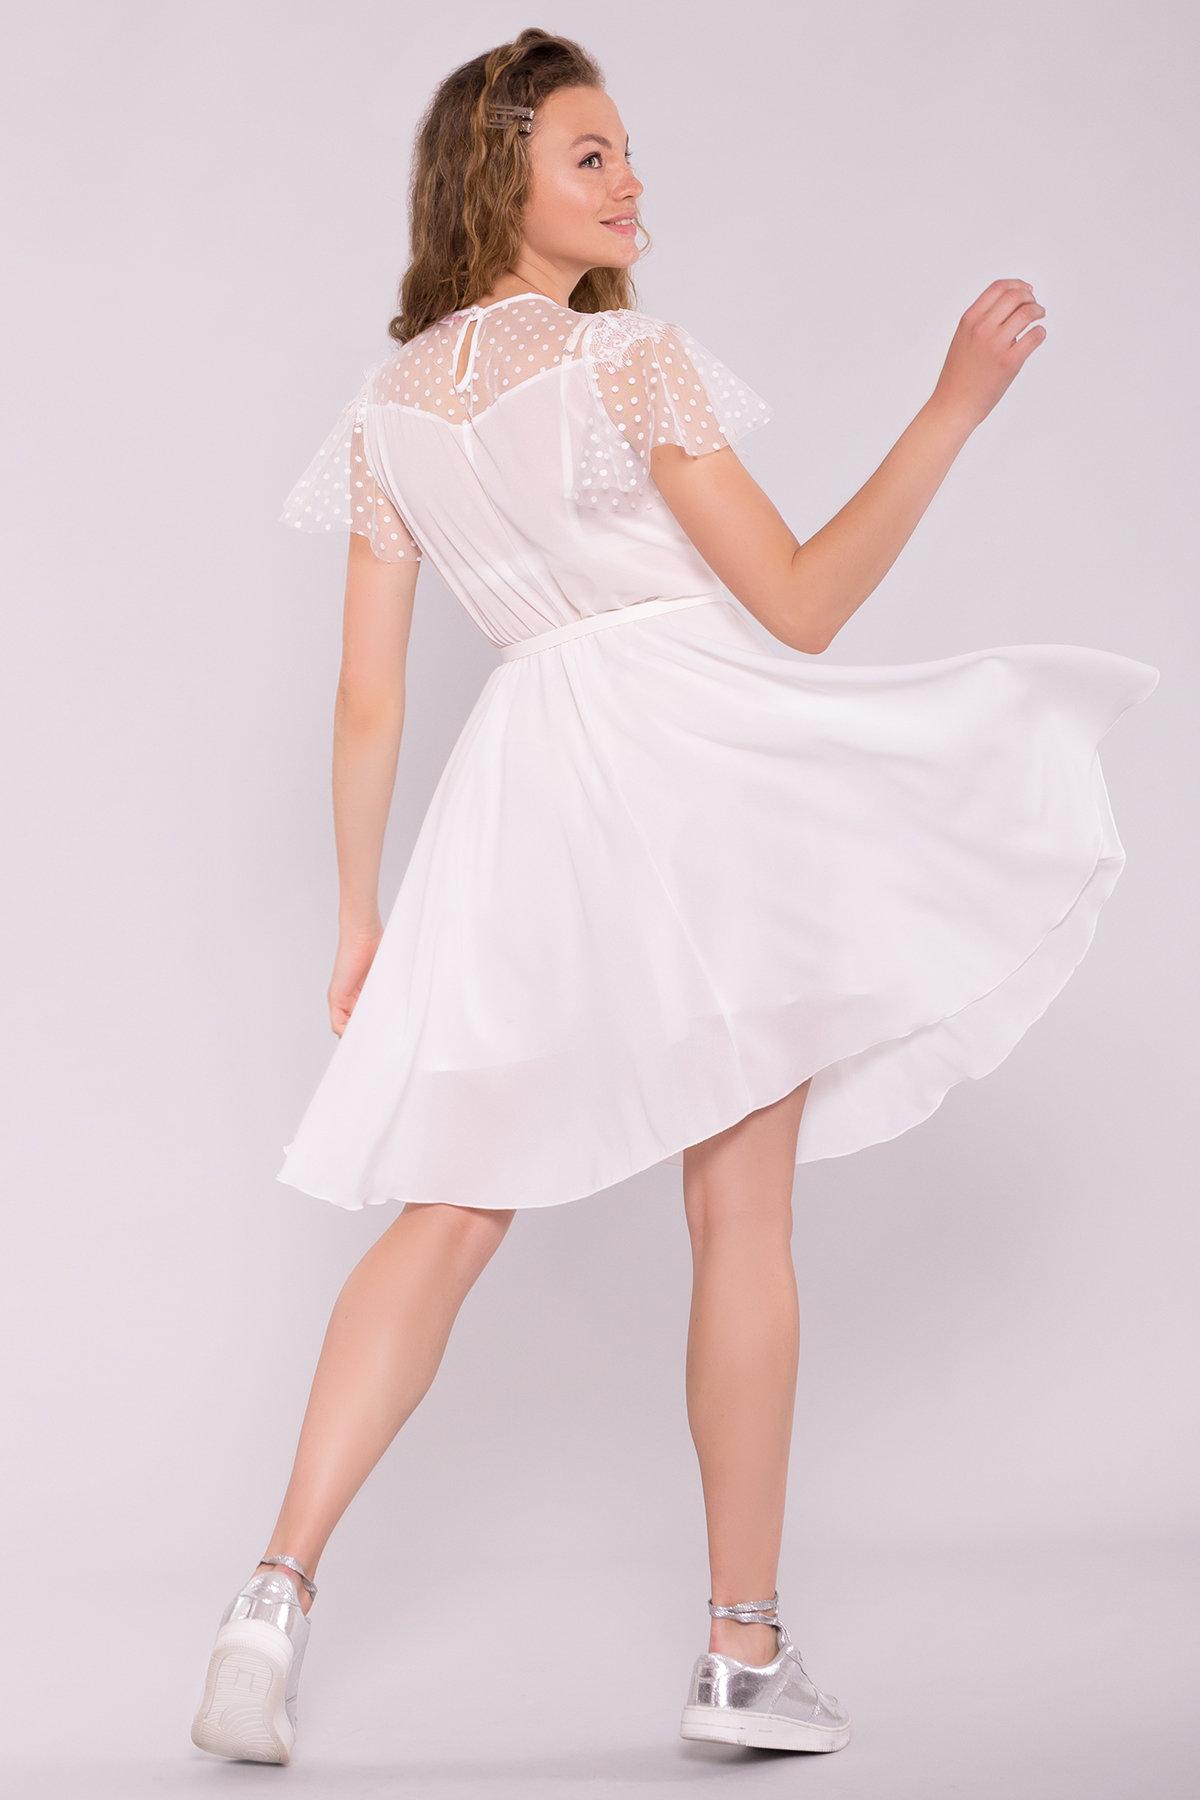 Платье Ламара 7143 АРТ. 42783 Цвет: Молоко 2 - фото 3, интернет магазин tm-modus.ru